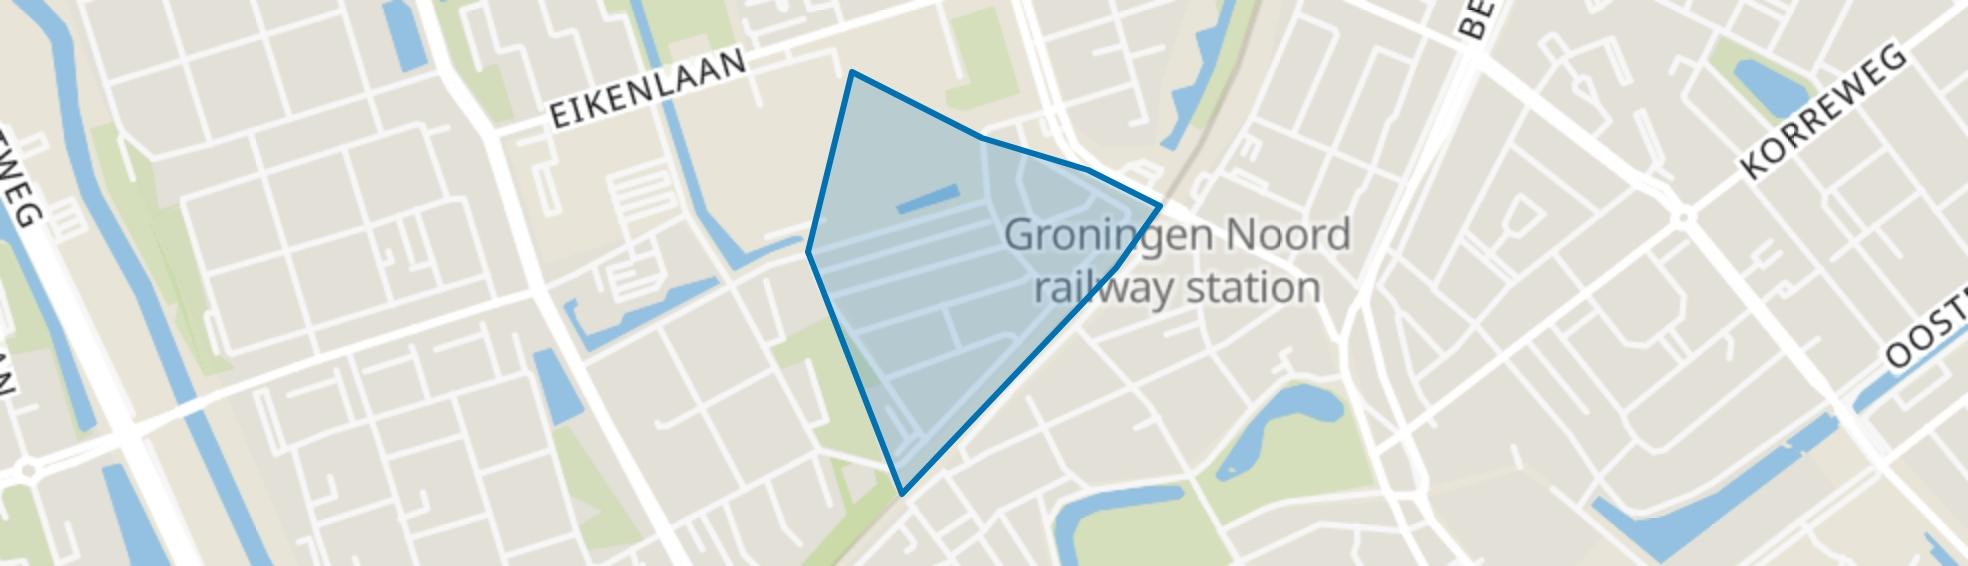 Tuinwijk, Groningen map